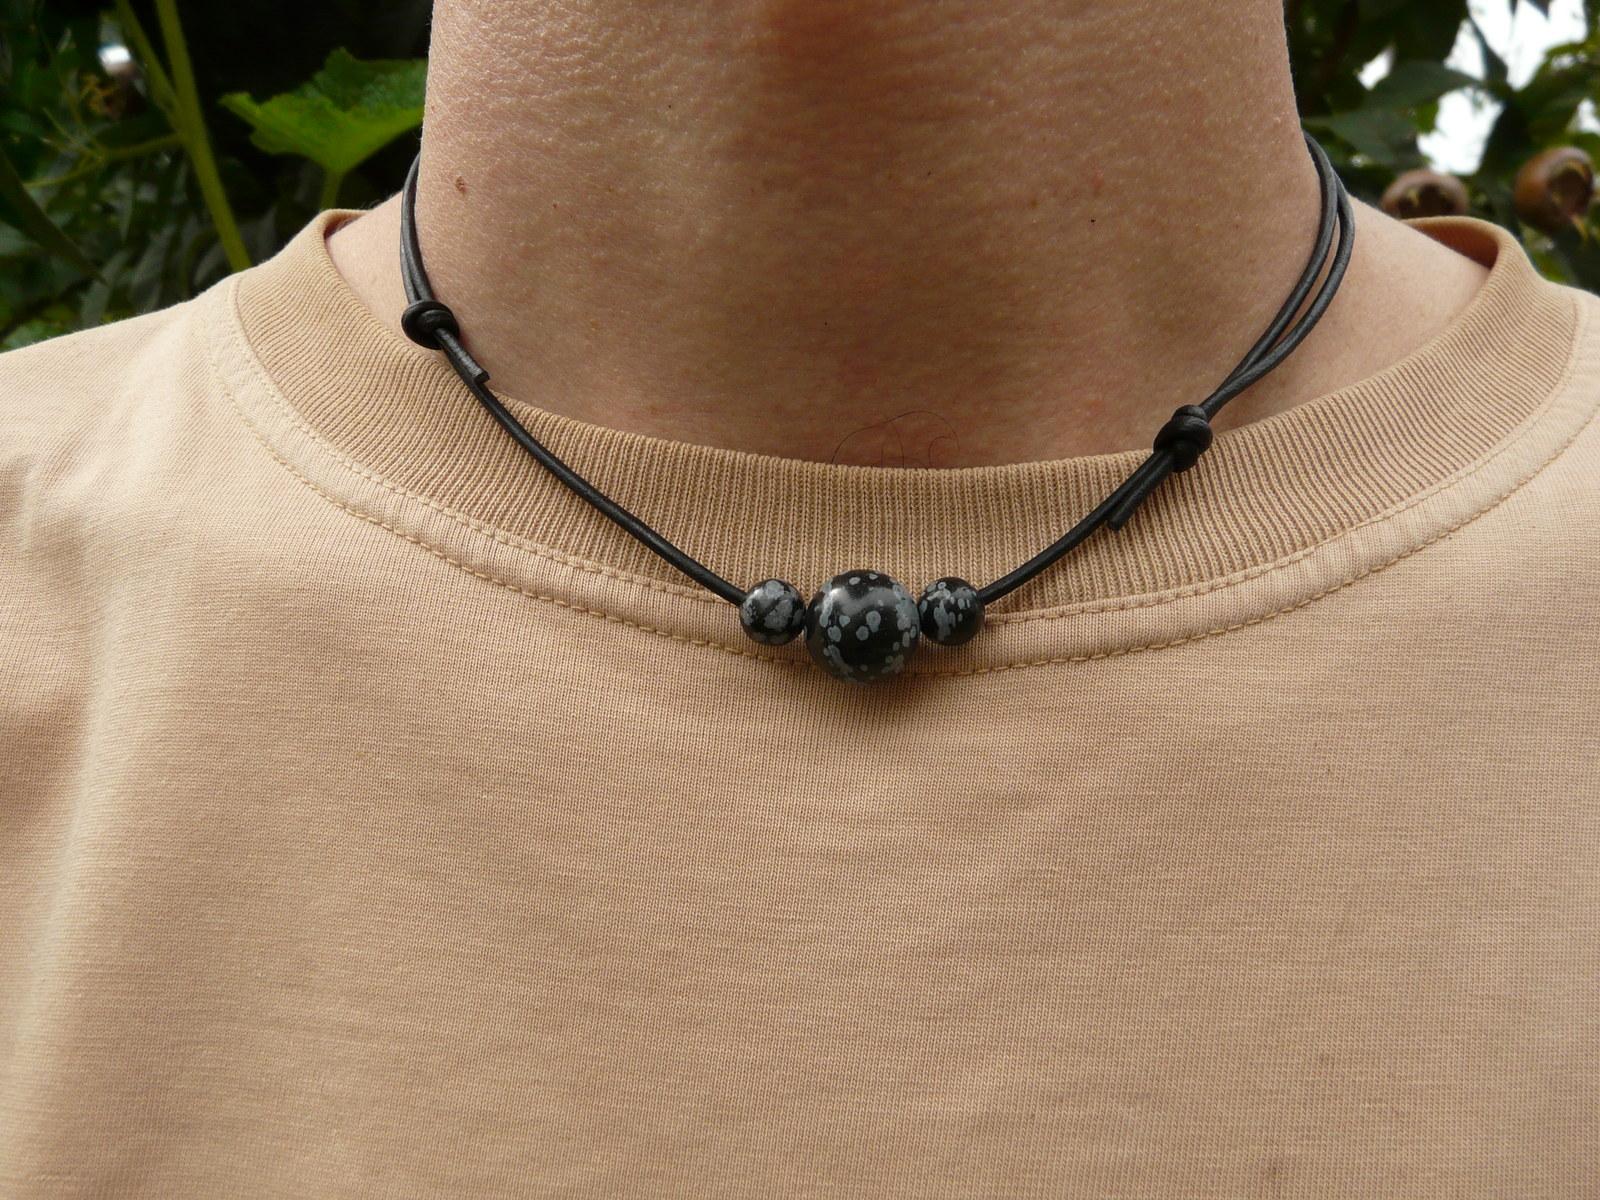 71a3e3af5 Kožený náhrdelník pánský s kameny: obsidián / Zboží prodejce ...